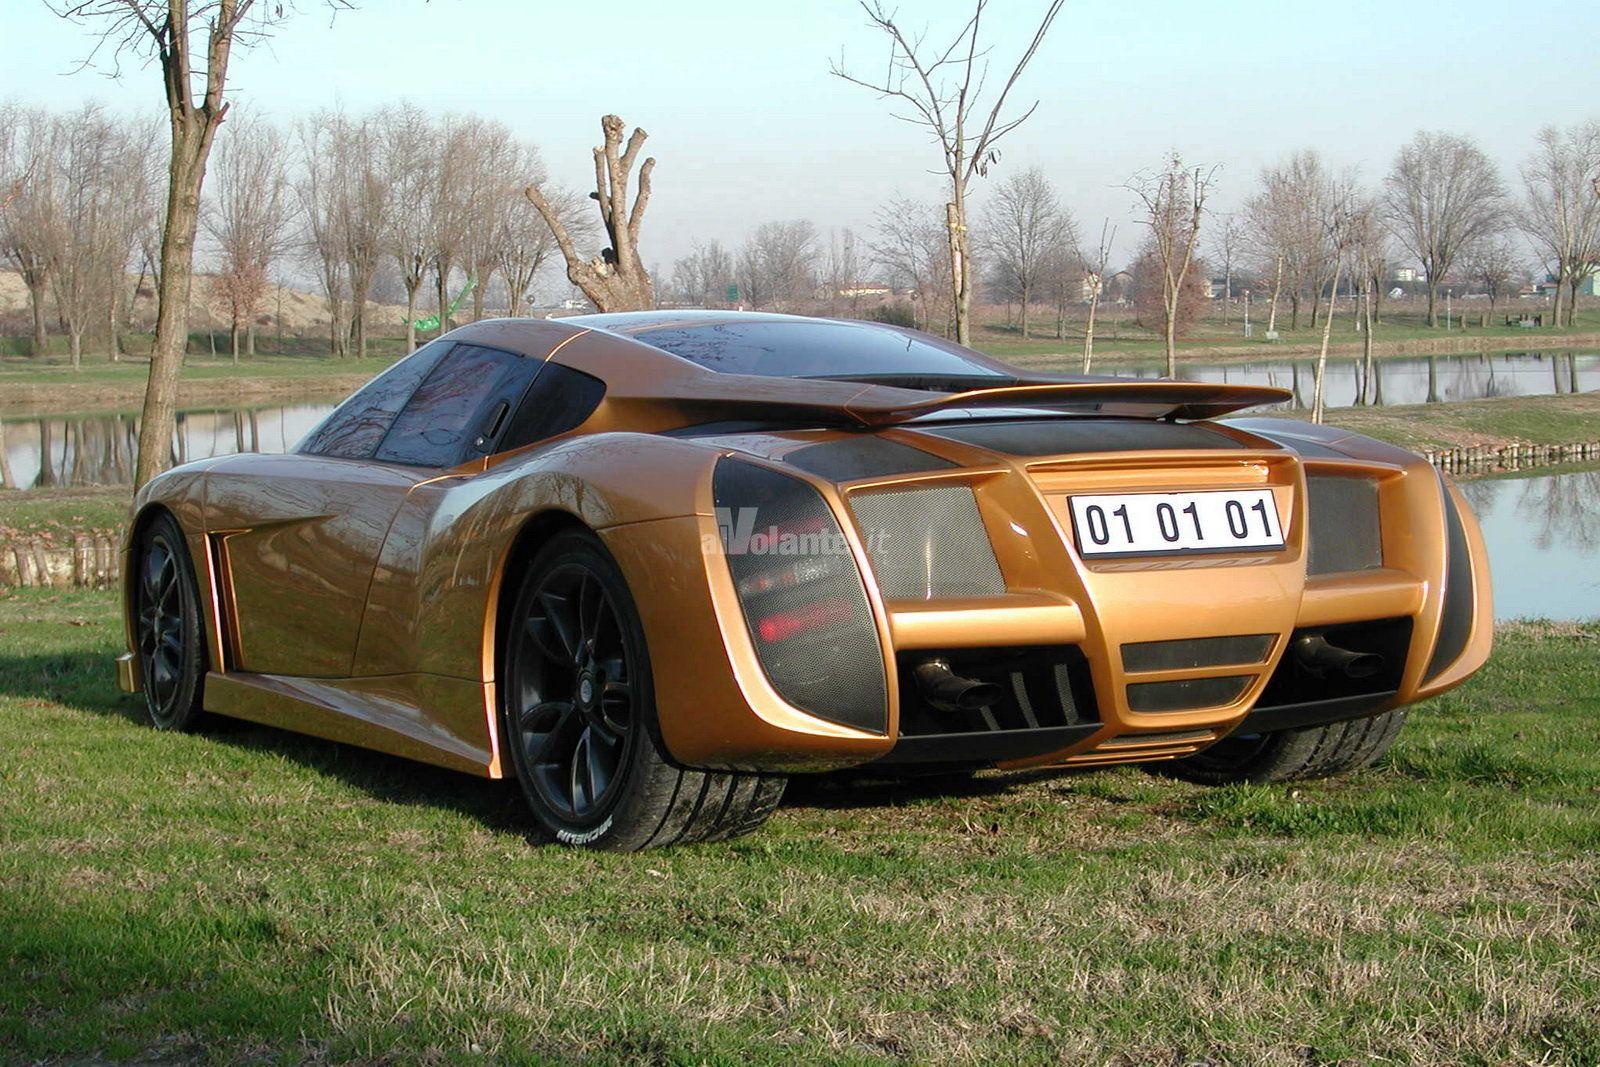 Foto Edonis La Supercar Che Viene Dal Passato Super Cars Bugatti Eb110 Sports Car